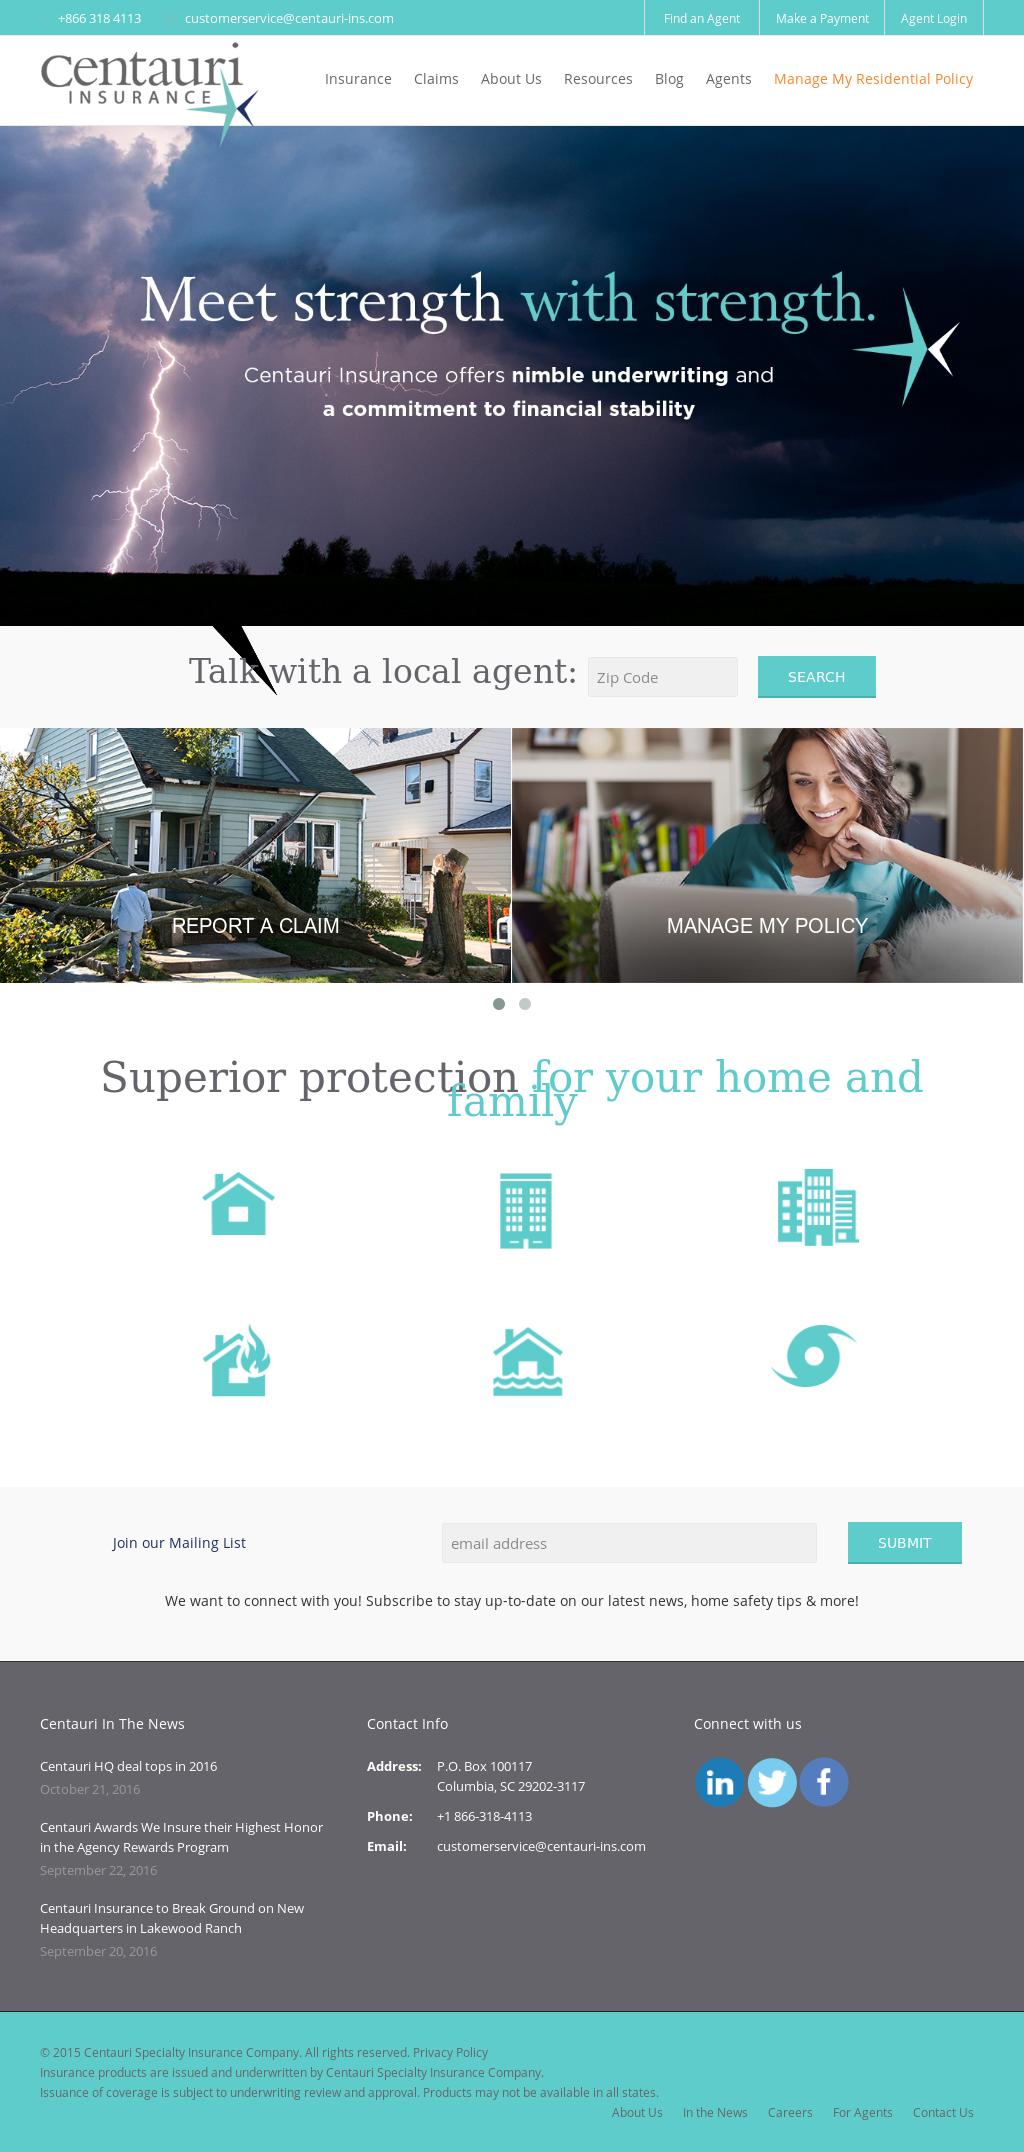 centauri specialty insurance company